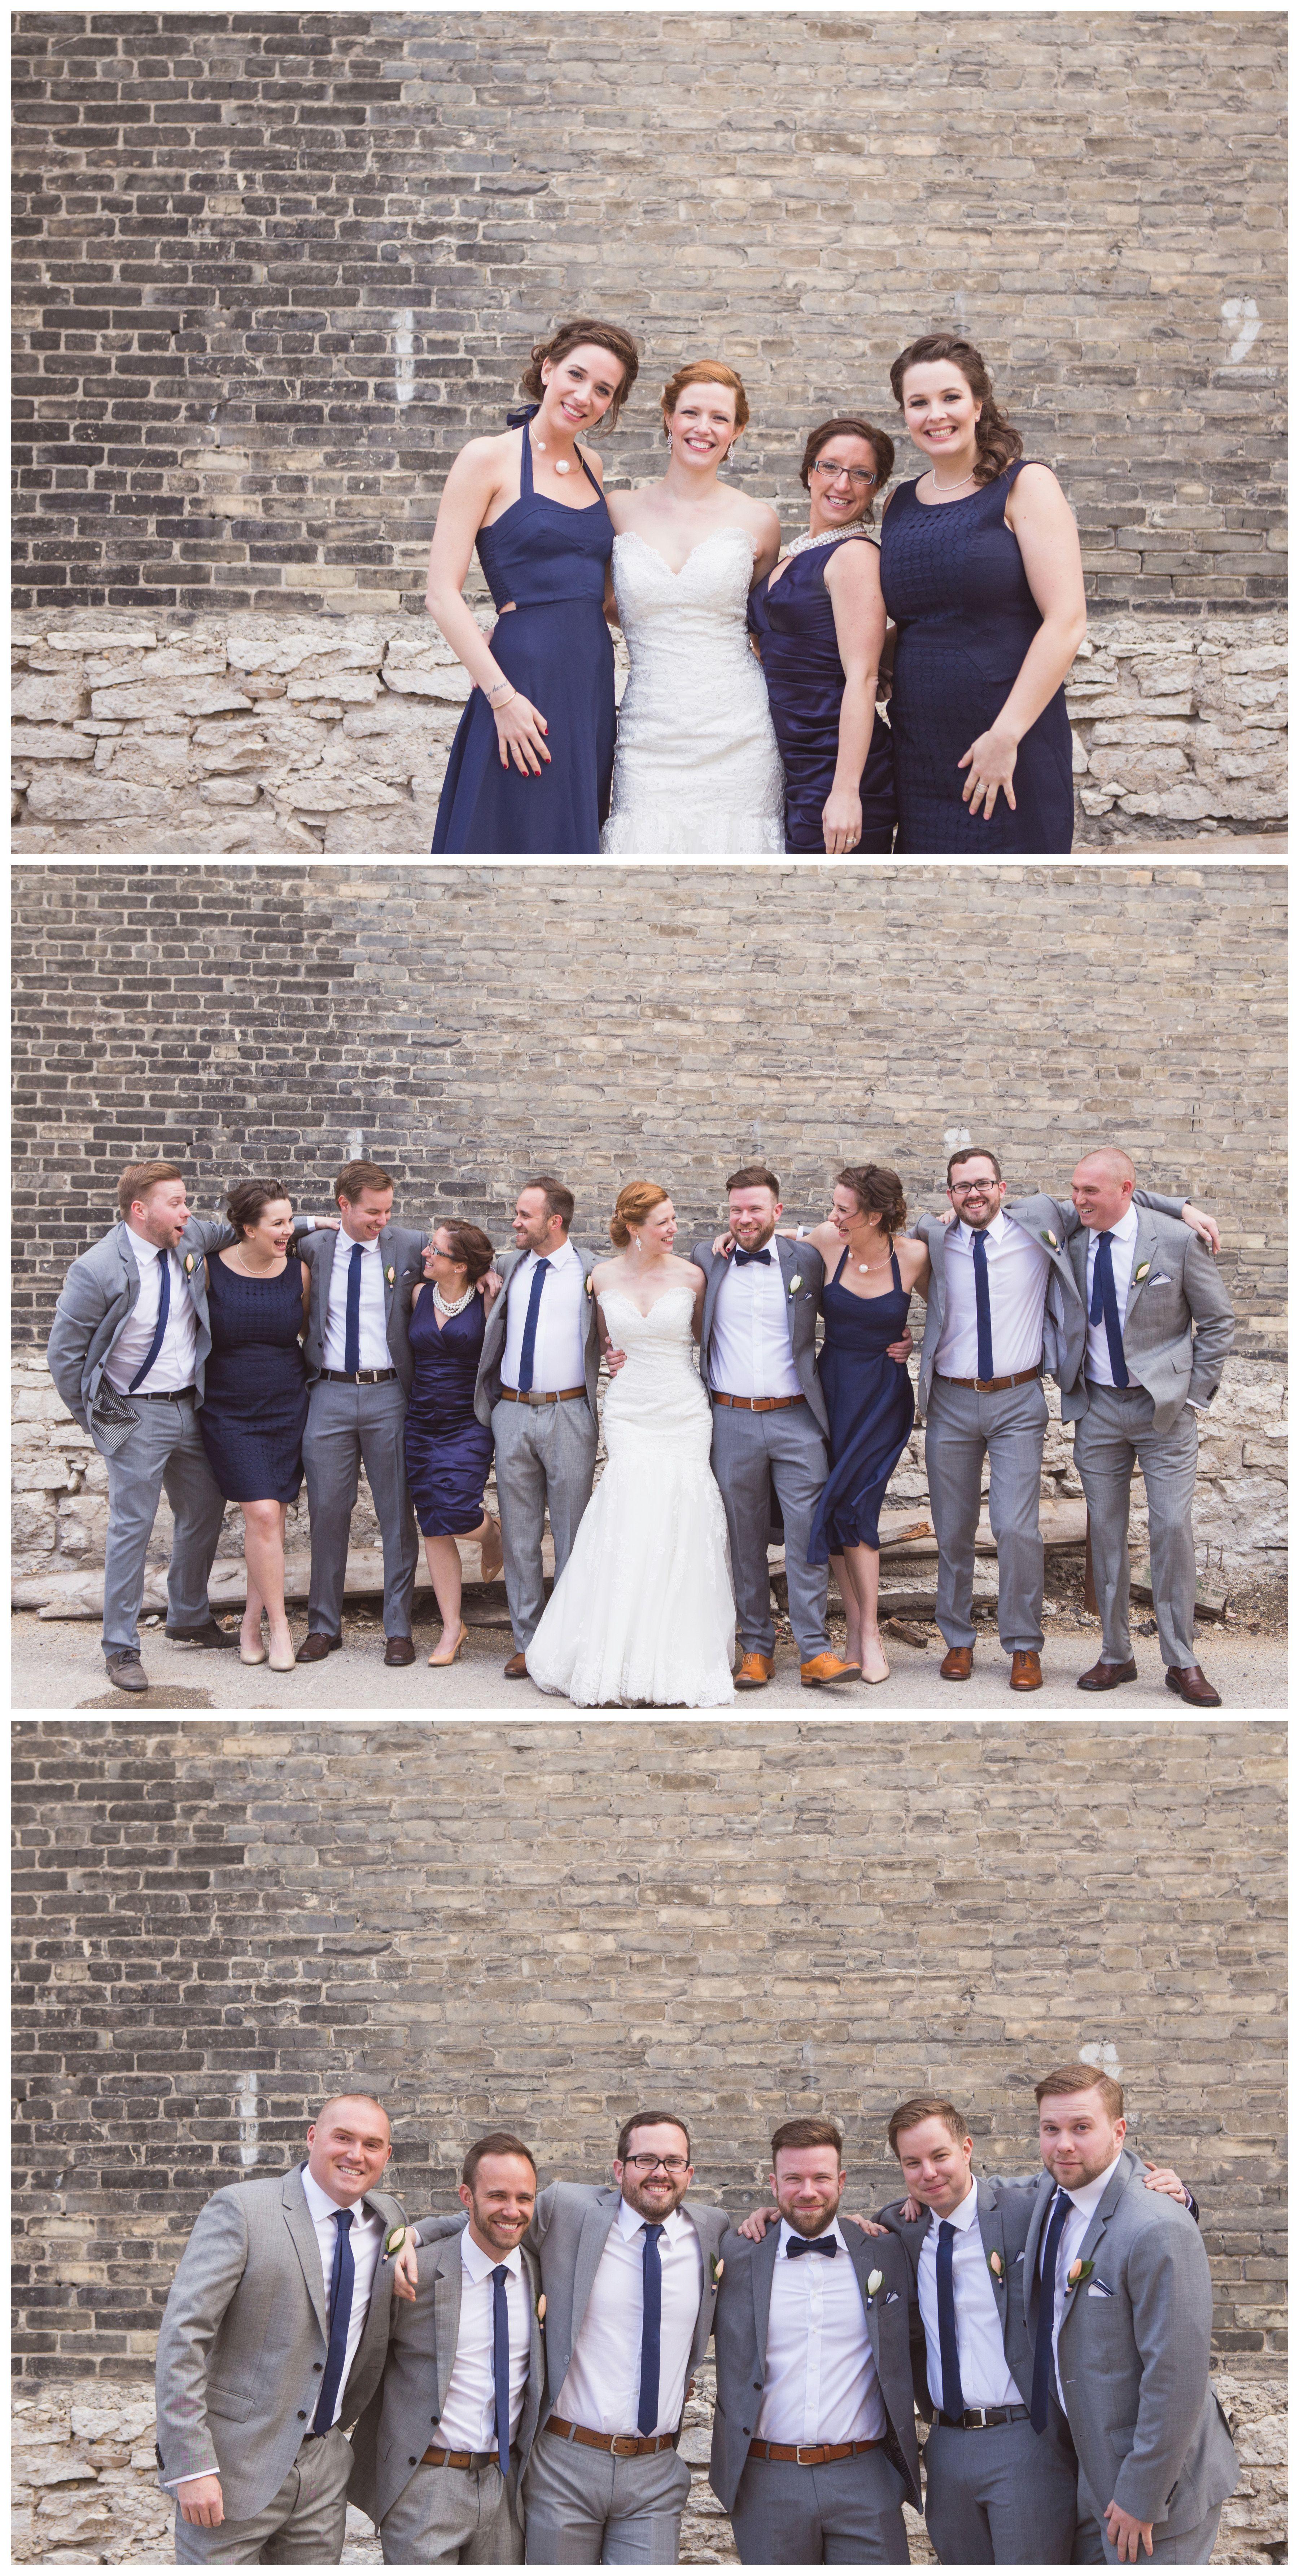 Mismatched uneven bridal party navy blue bridesmaid dresses